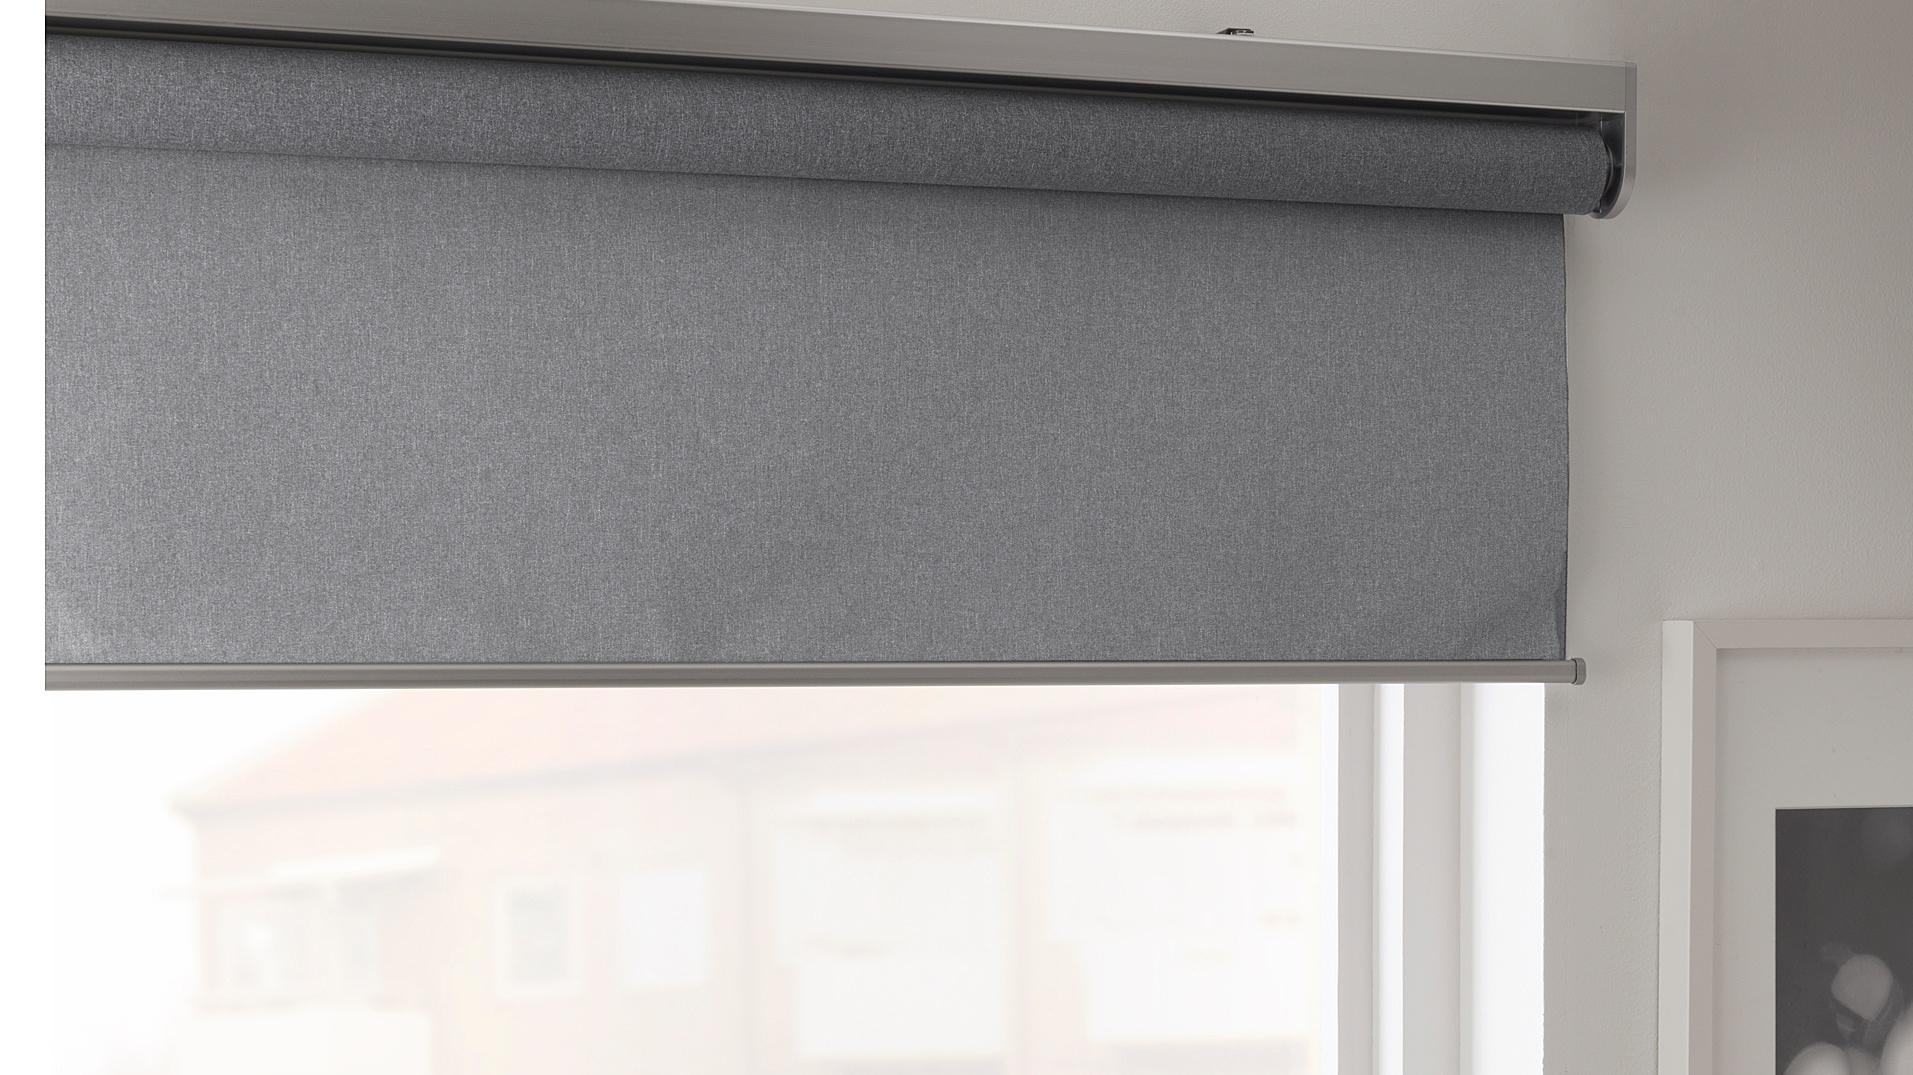 Full Size of Fenster Rollos Innen Ikea Ikeas Smarte Trdfri In Deutschland Erhltlich Heise Online Herne Flachdach Tauschen Schüco Standardmaße Mit Lüftung Trocal Sprossen Wohnzimmer Fenster Rollos Innen Ikea